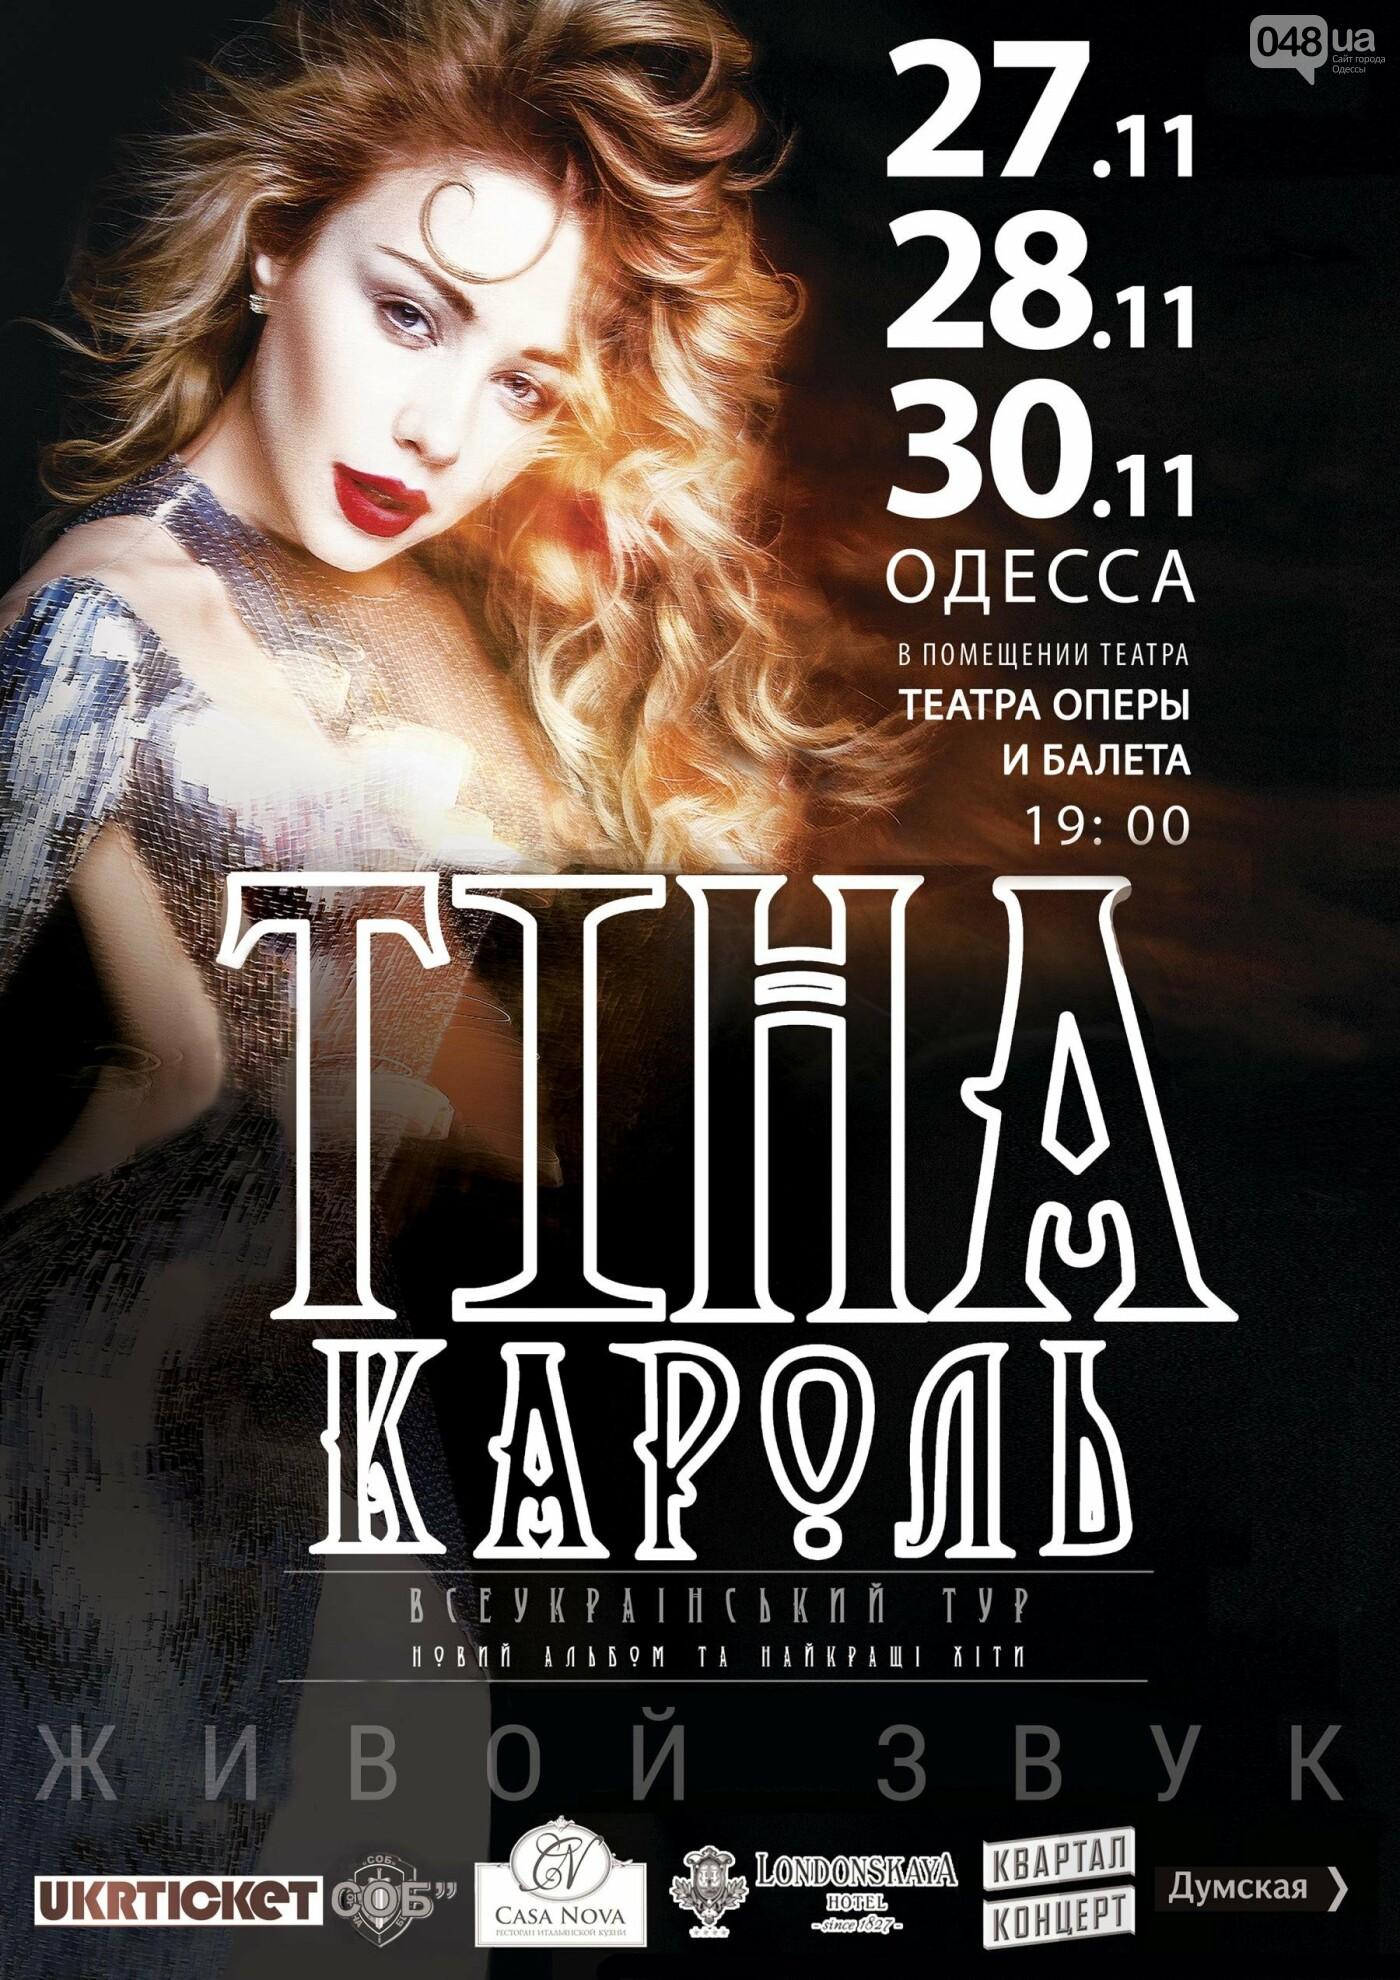 В Одессу едет Тина Кароль: горожан ждет невероятное шоу (ВИДЕО), фото-1